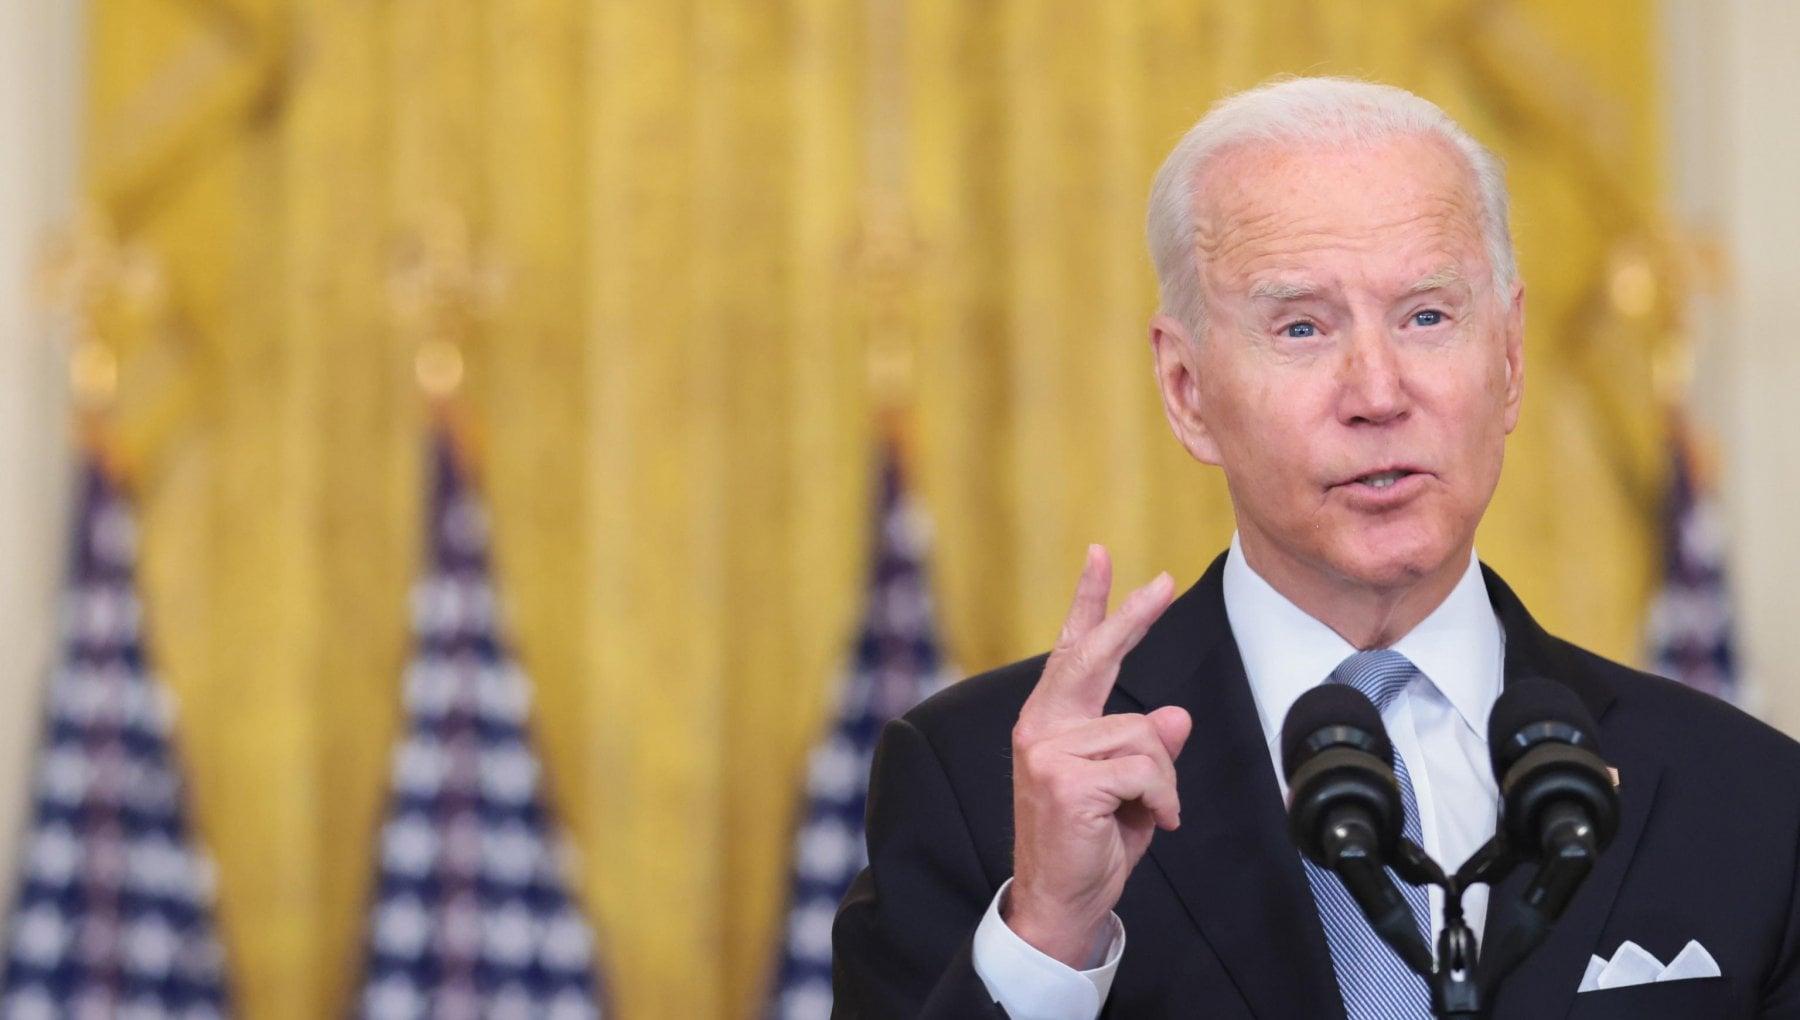 """230811576 76fc4643 eecb 48cc a234 8c05c1de09e8 - Biden si difende: """"Eravamo lì solo per combattere il terrorismo"""""""